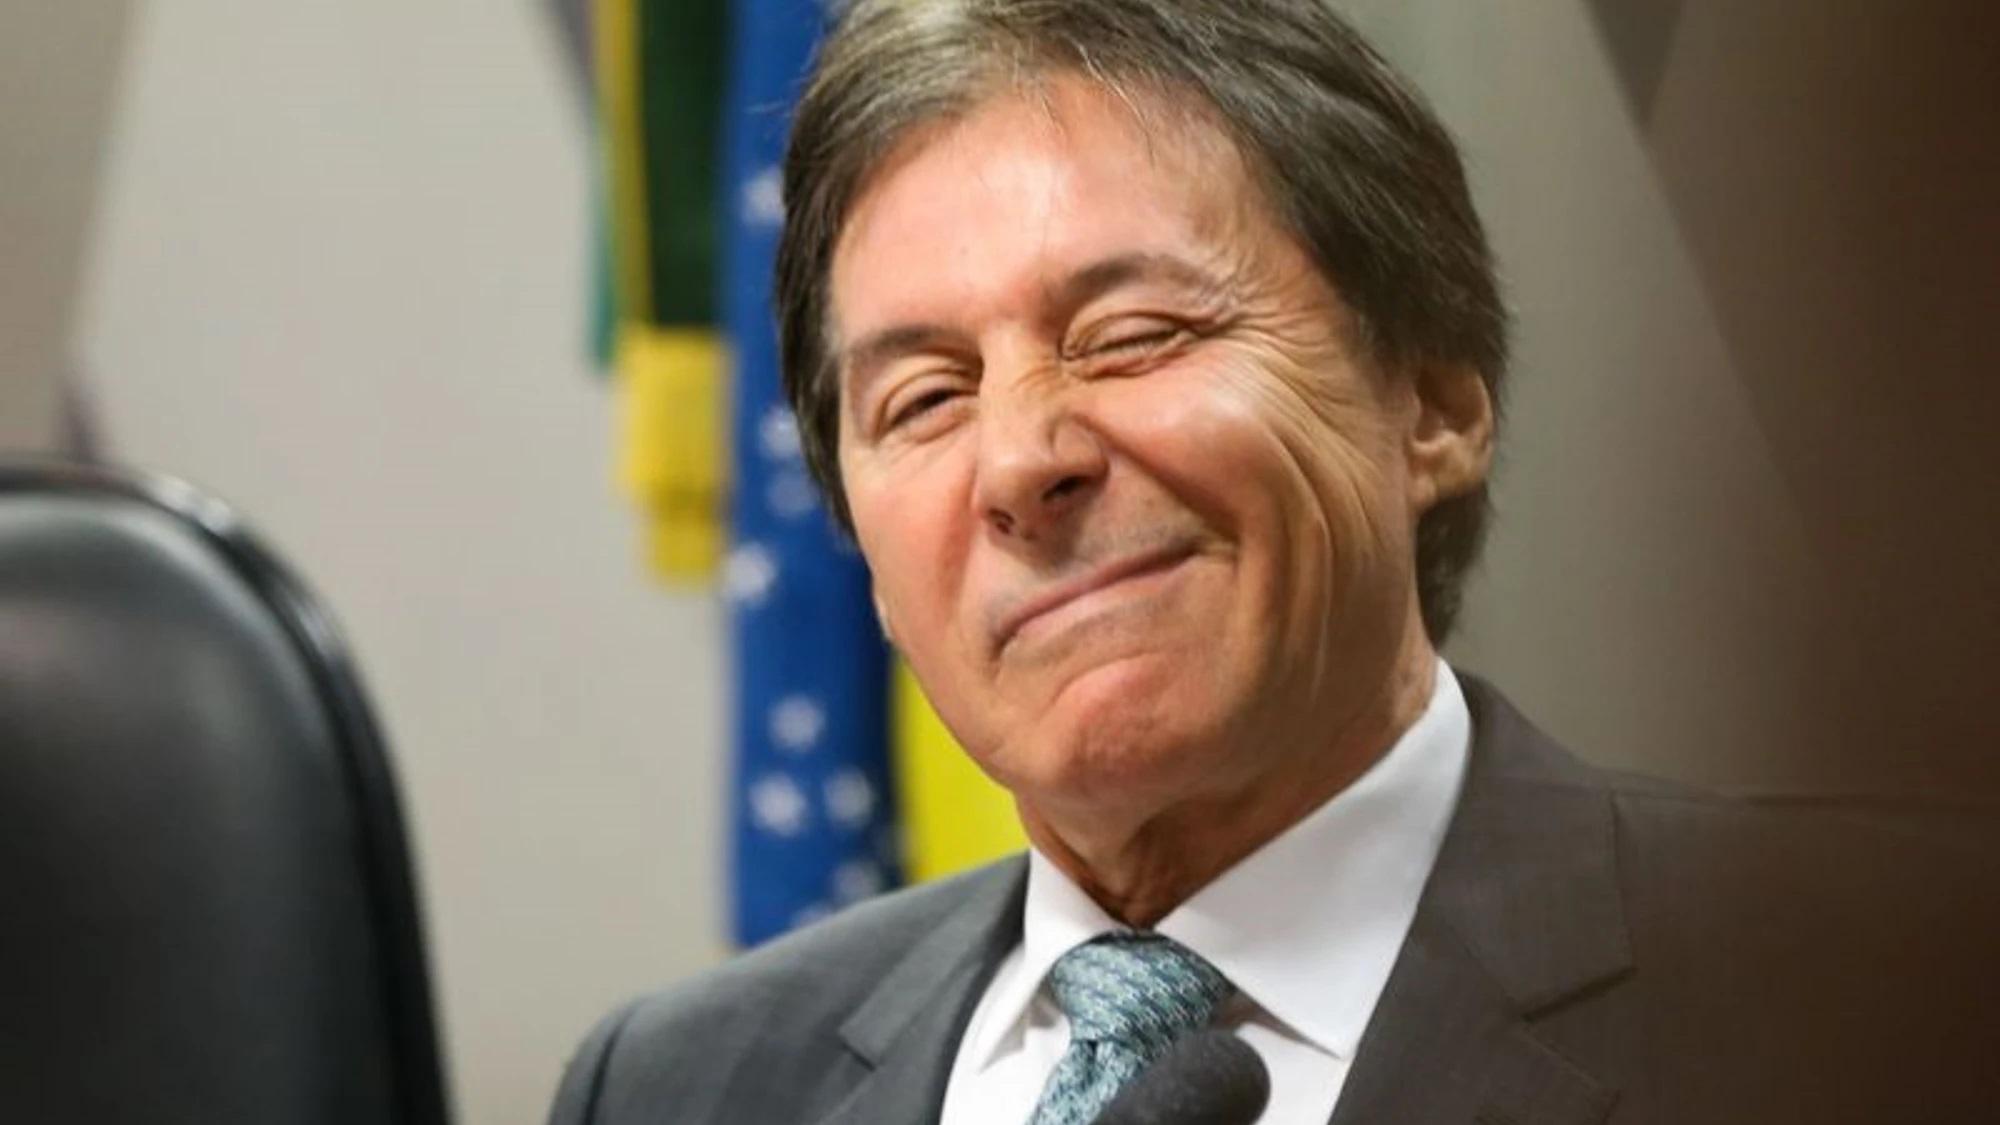 IMAGEM: Eunício diz que comprou 'de sacanagem' apartamento de Ciro Gomes